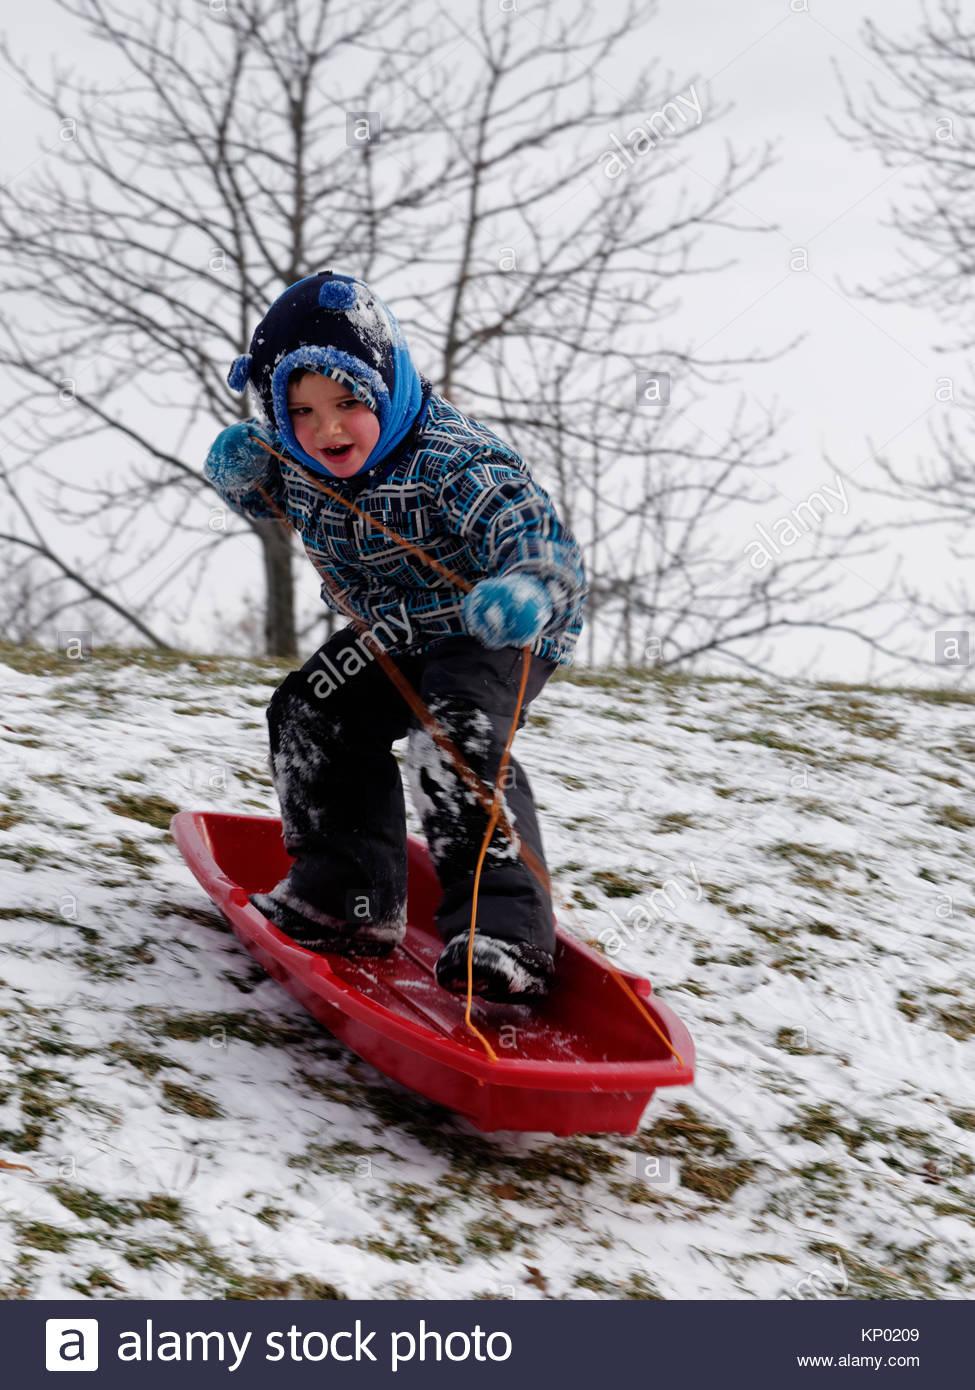 Un niño pequeño (5 años) el snowboard por pie en su trineo bajando una pendiente. Imagen De Stock